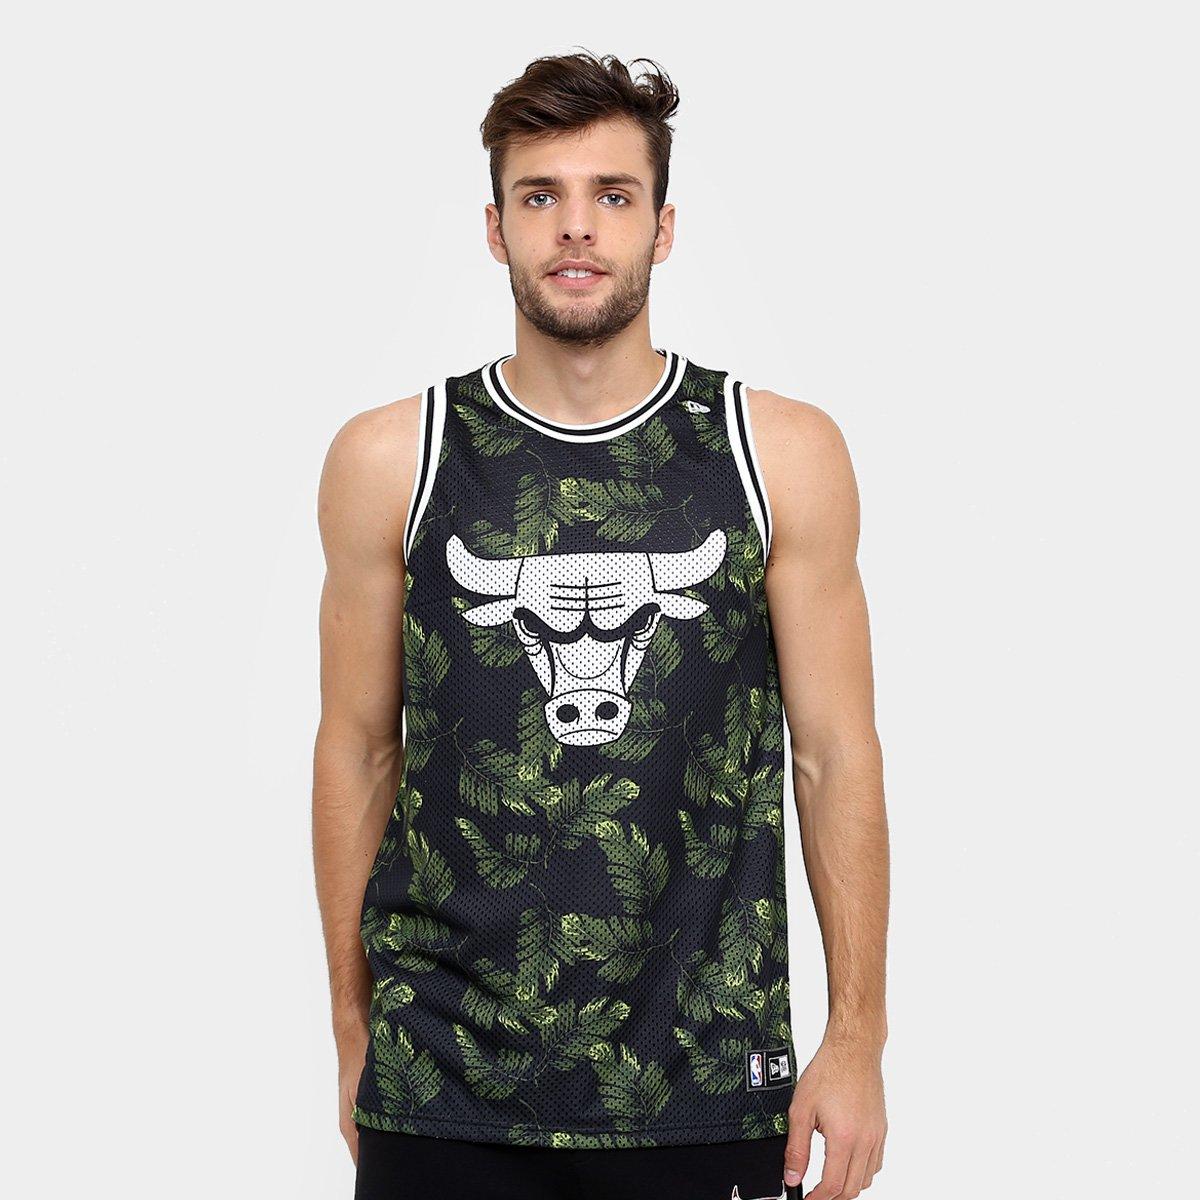 Camiseta Regata New Era NBA Jersey Palm Camo Chicago Bulls - Compre Agora  edf8193e808